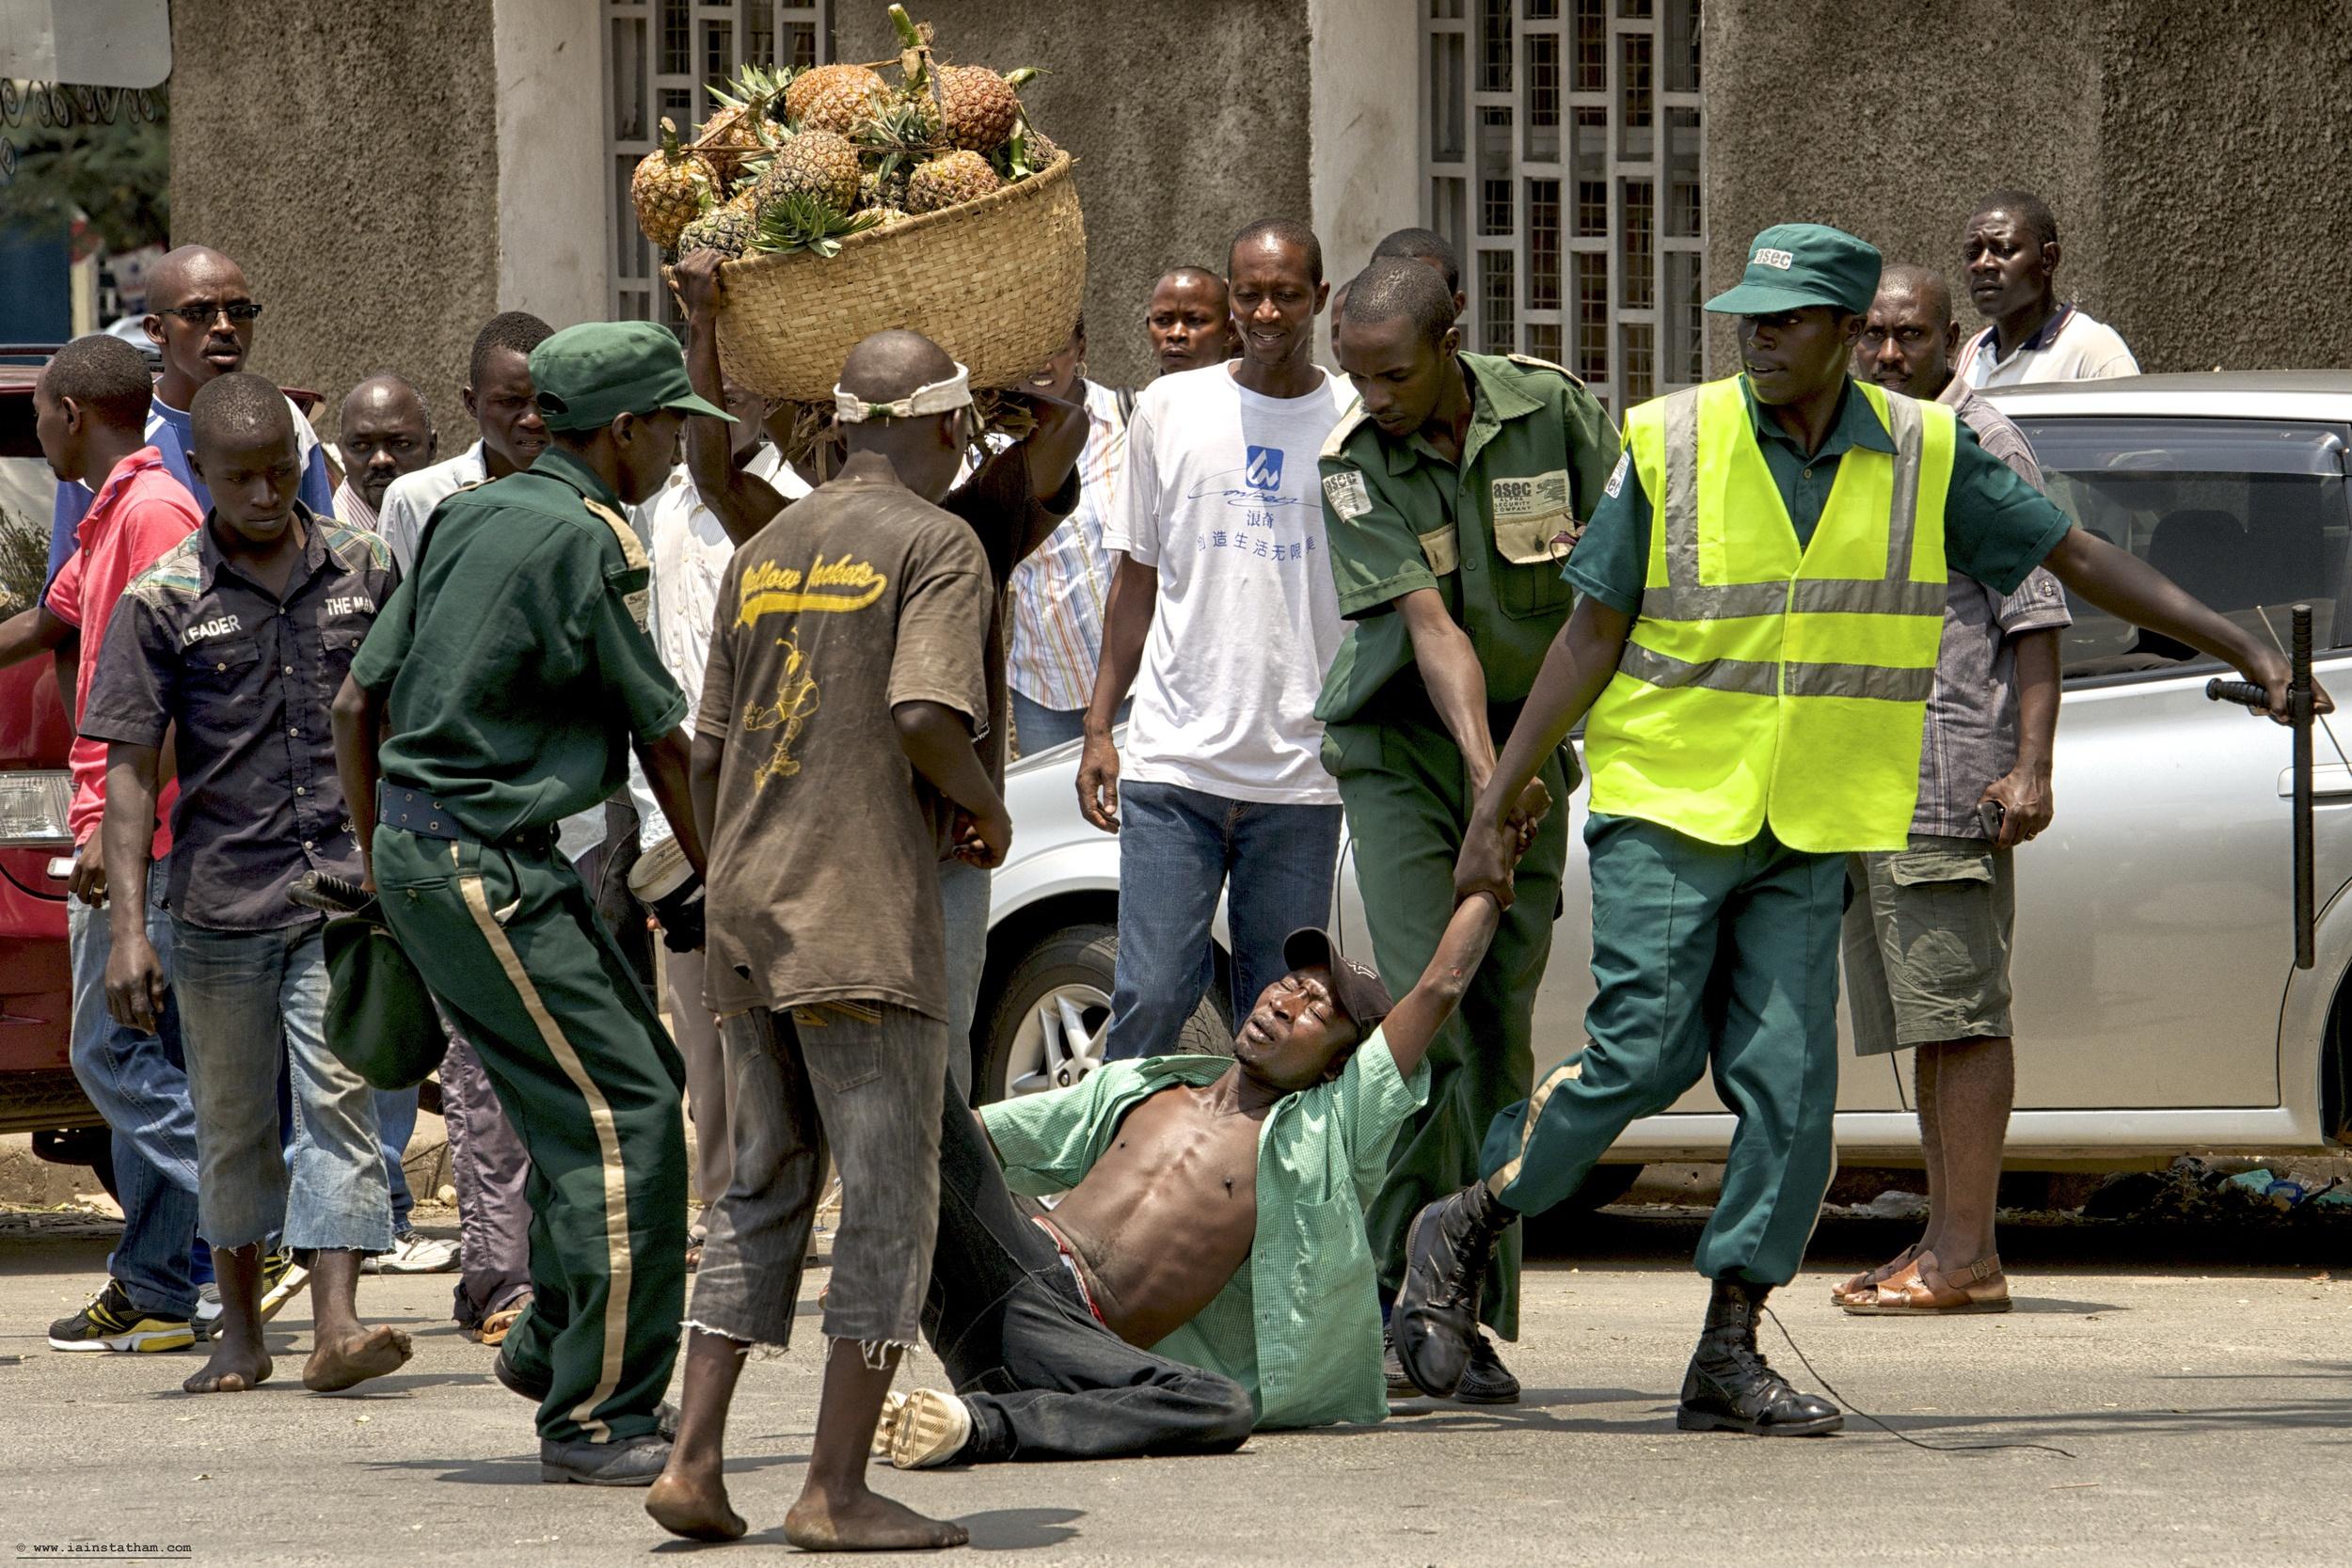 bujumbura thief 3.jpg